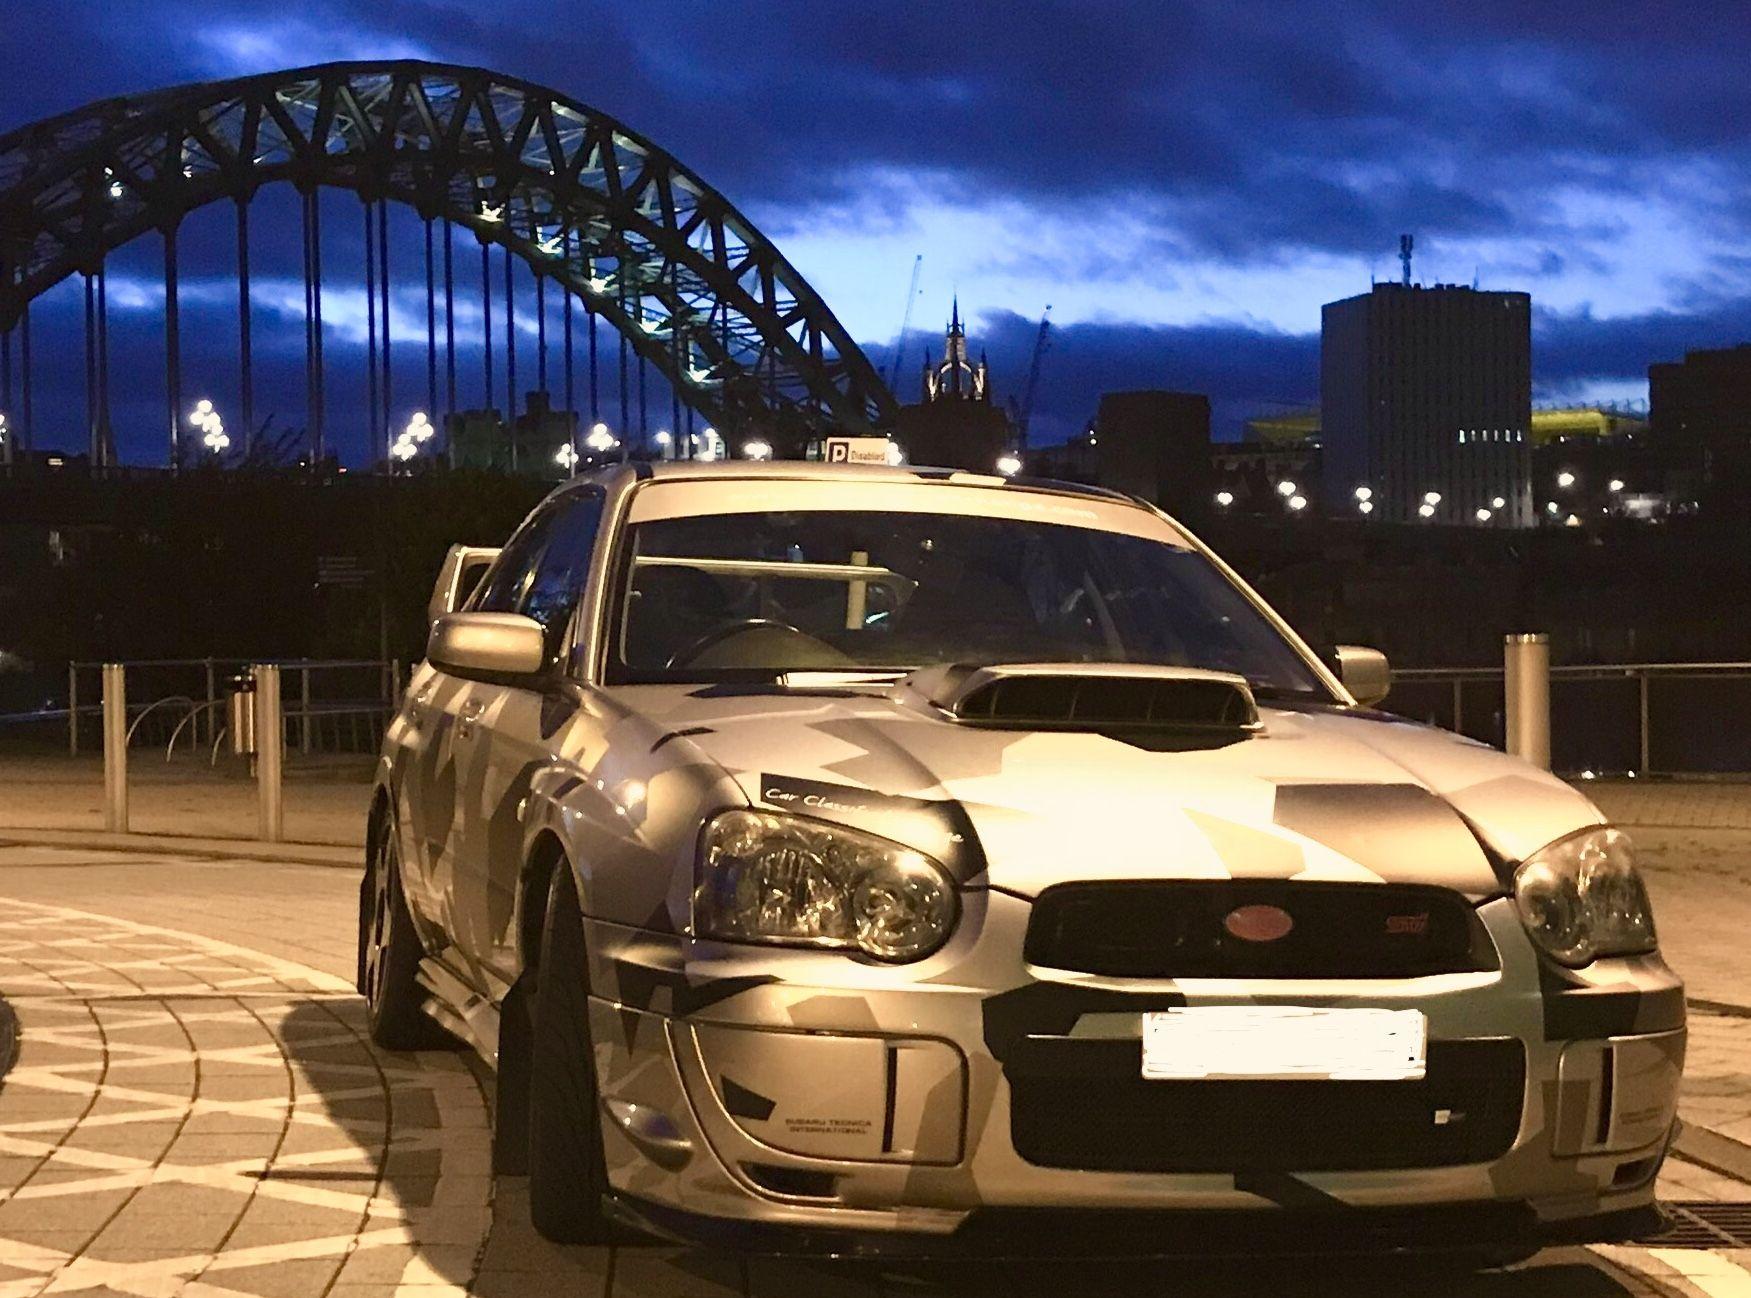 Tyne bridge Newcastle Subaru Impreza STi Camo | Subaru,my previous love